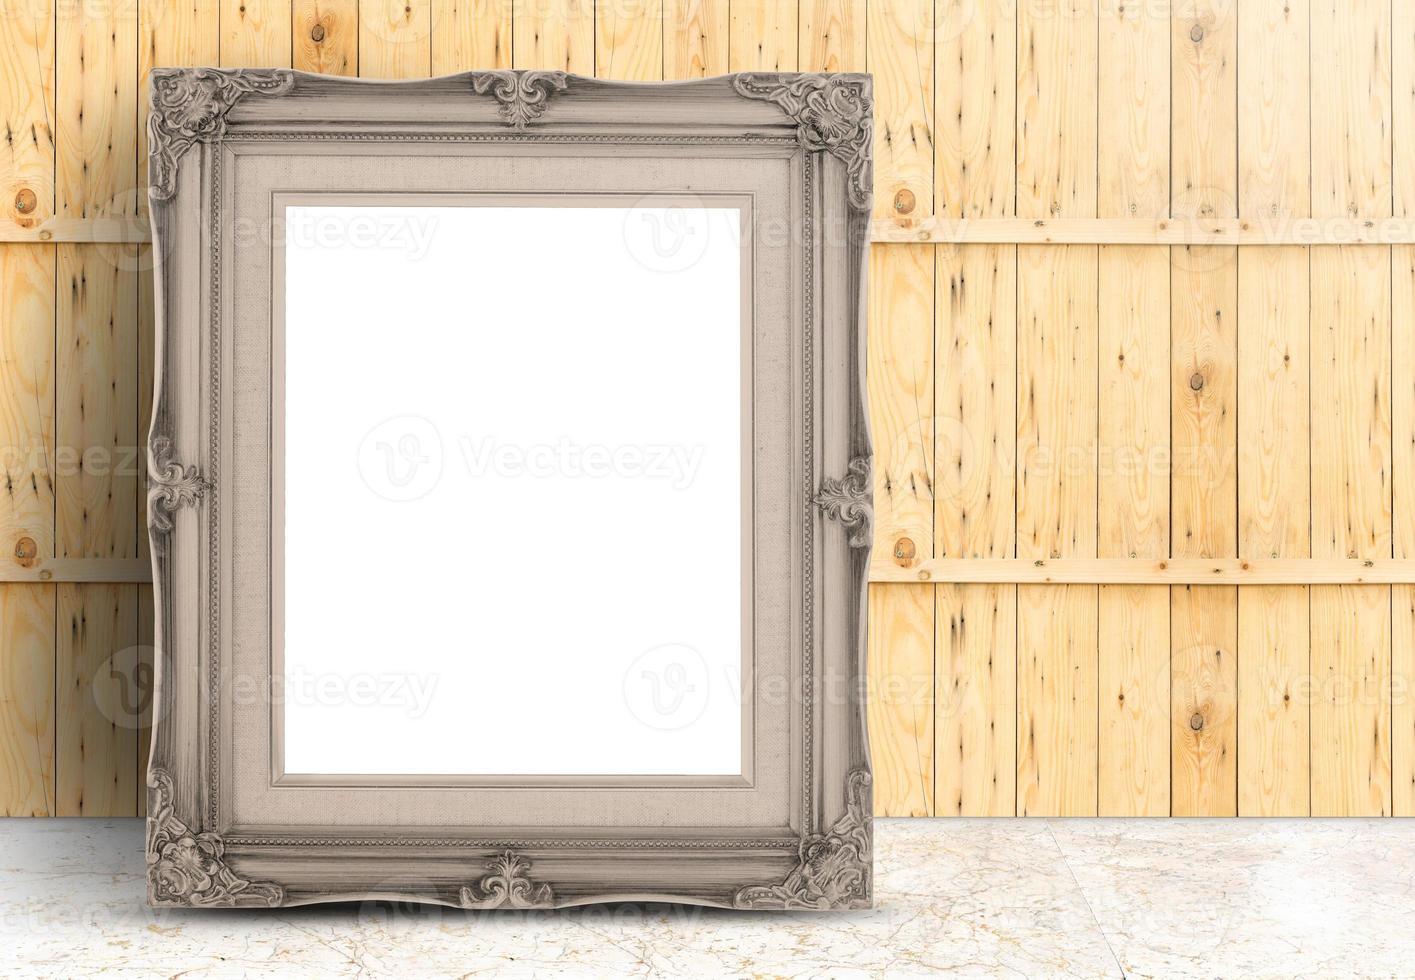 Cadre vintage brwon pâle vierge sur sol en marbre, mur en bois photo